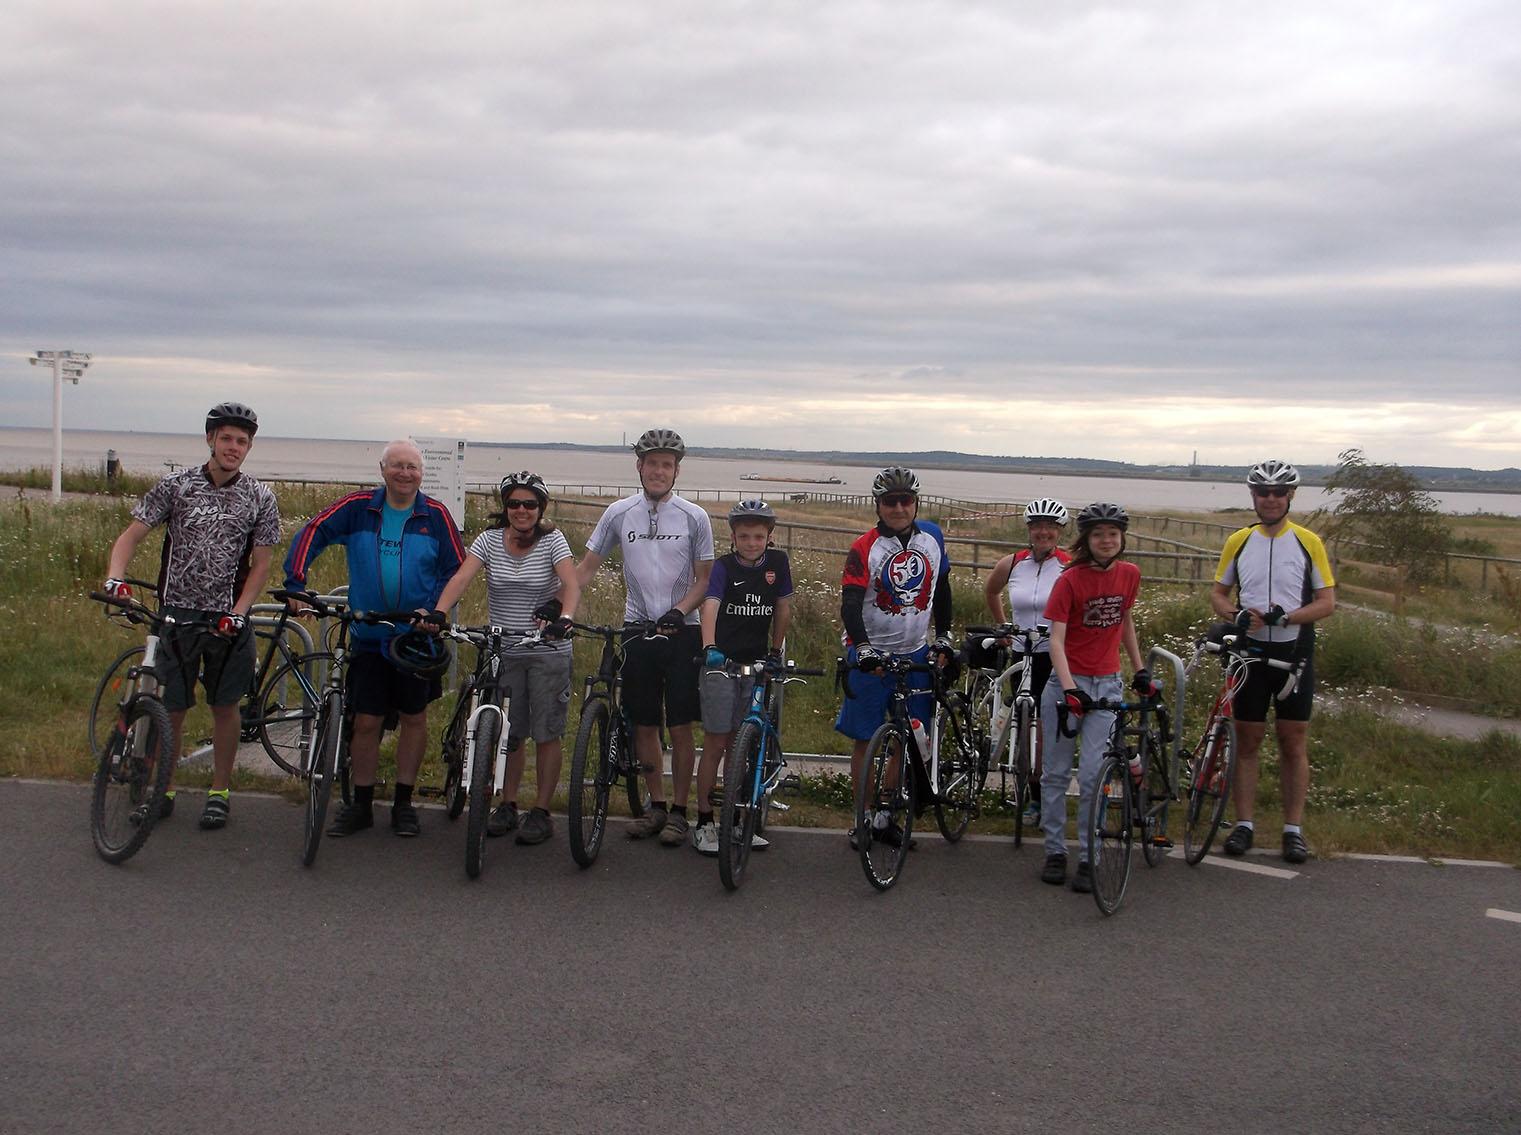 Gateway Family Ride to Thameside Nature Park – Sunday 4th September